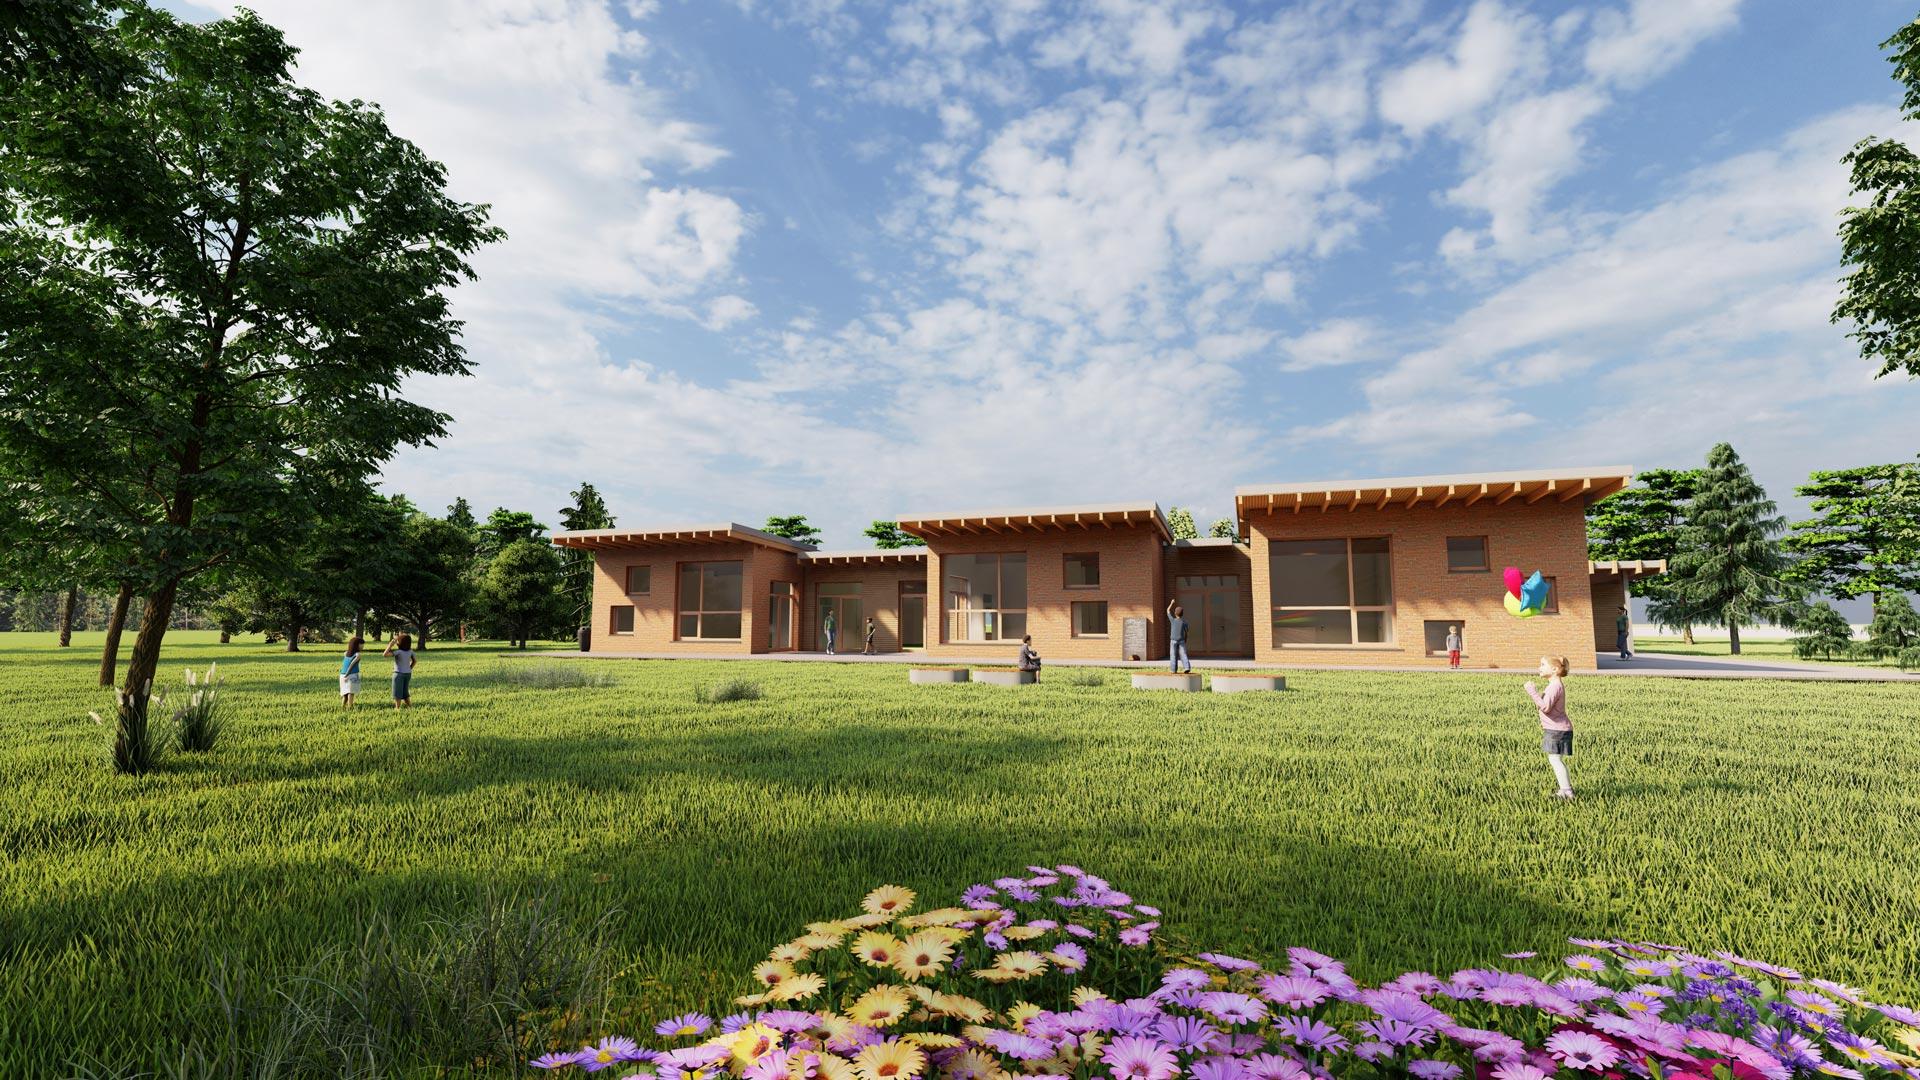 Kita Lemförde | Oevermann Architekten